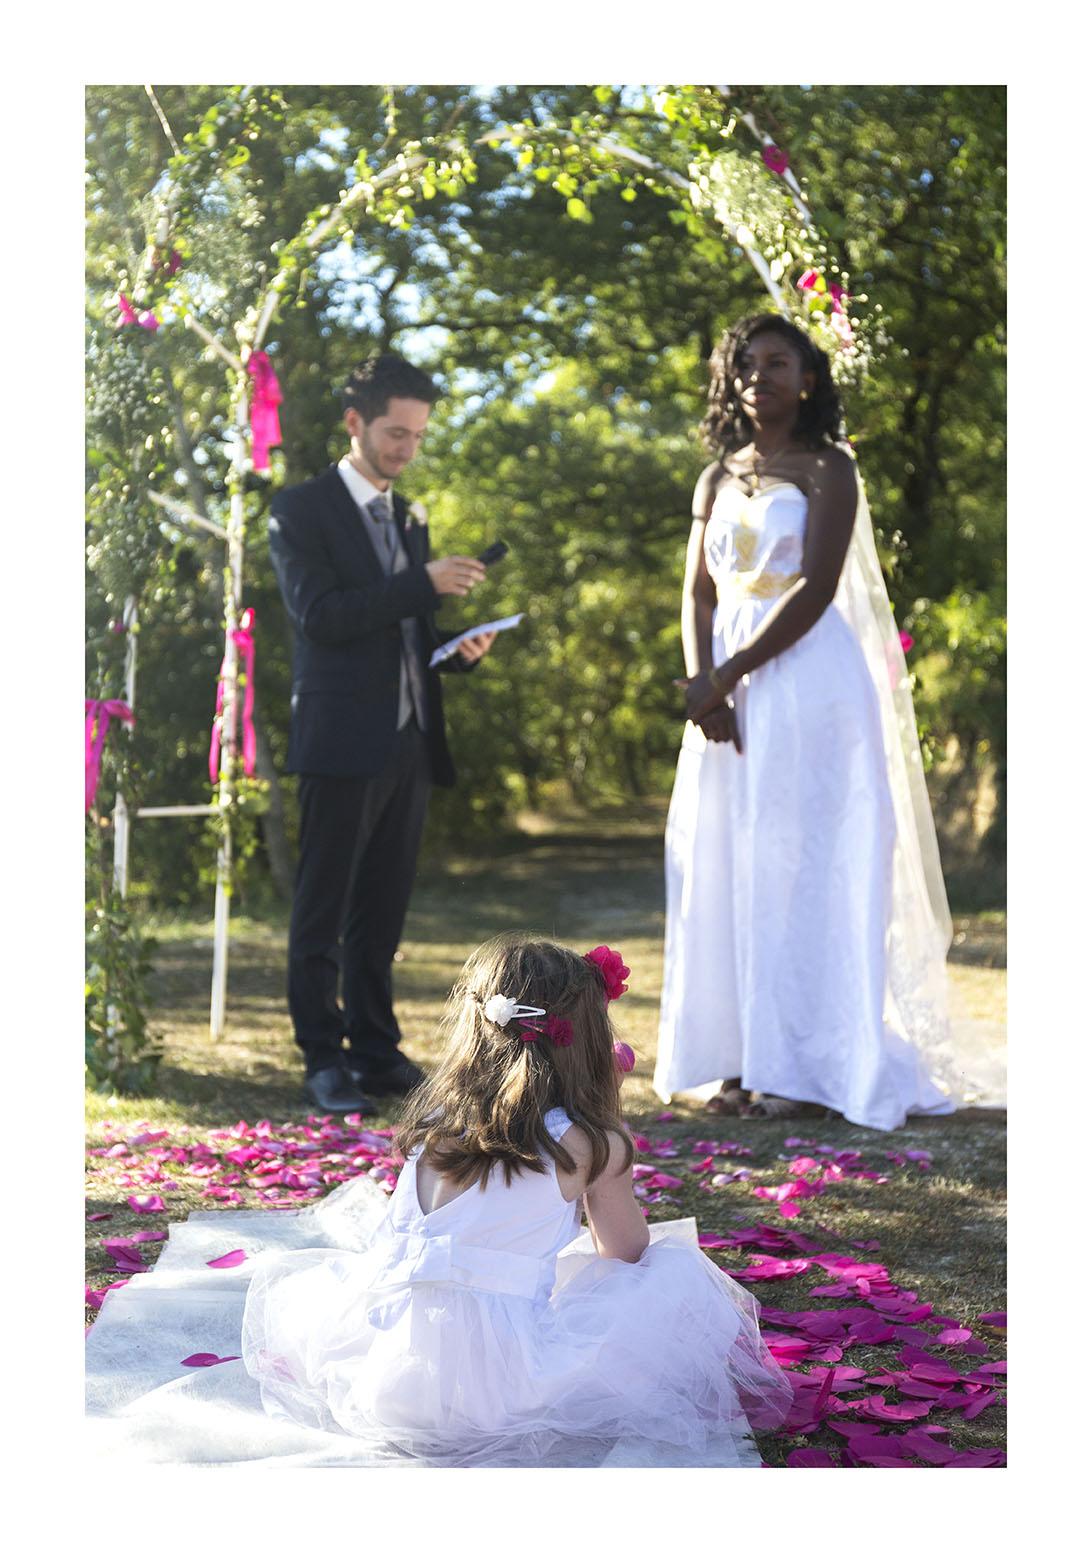 photographe morgane boem mariage evenements montpellier ceremonie exterieure